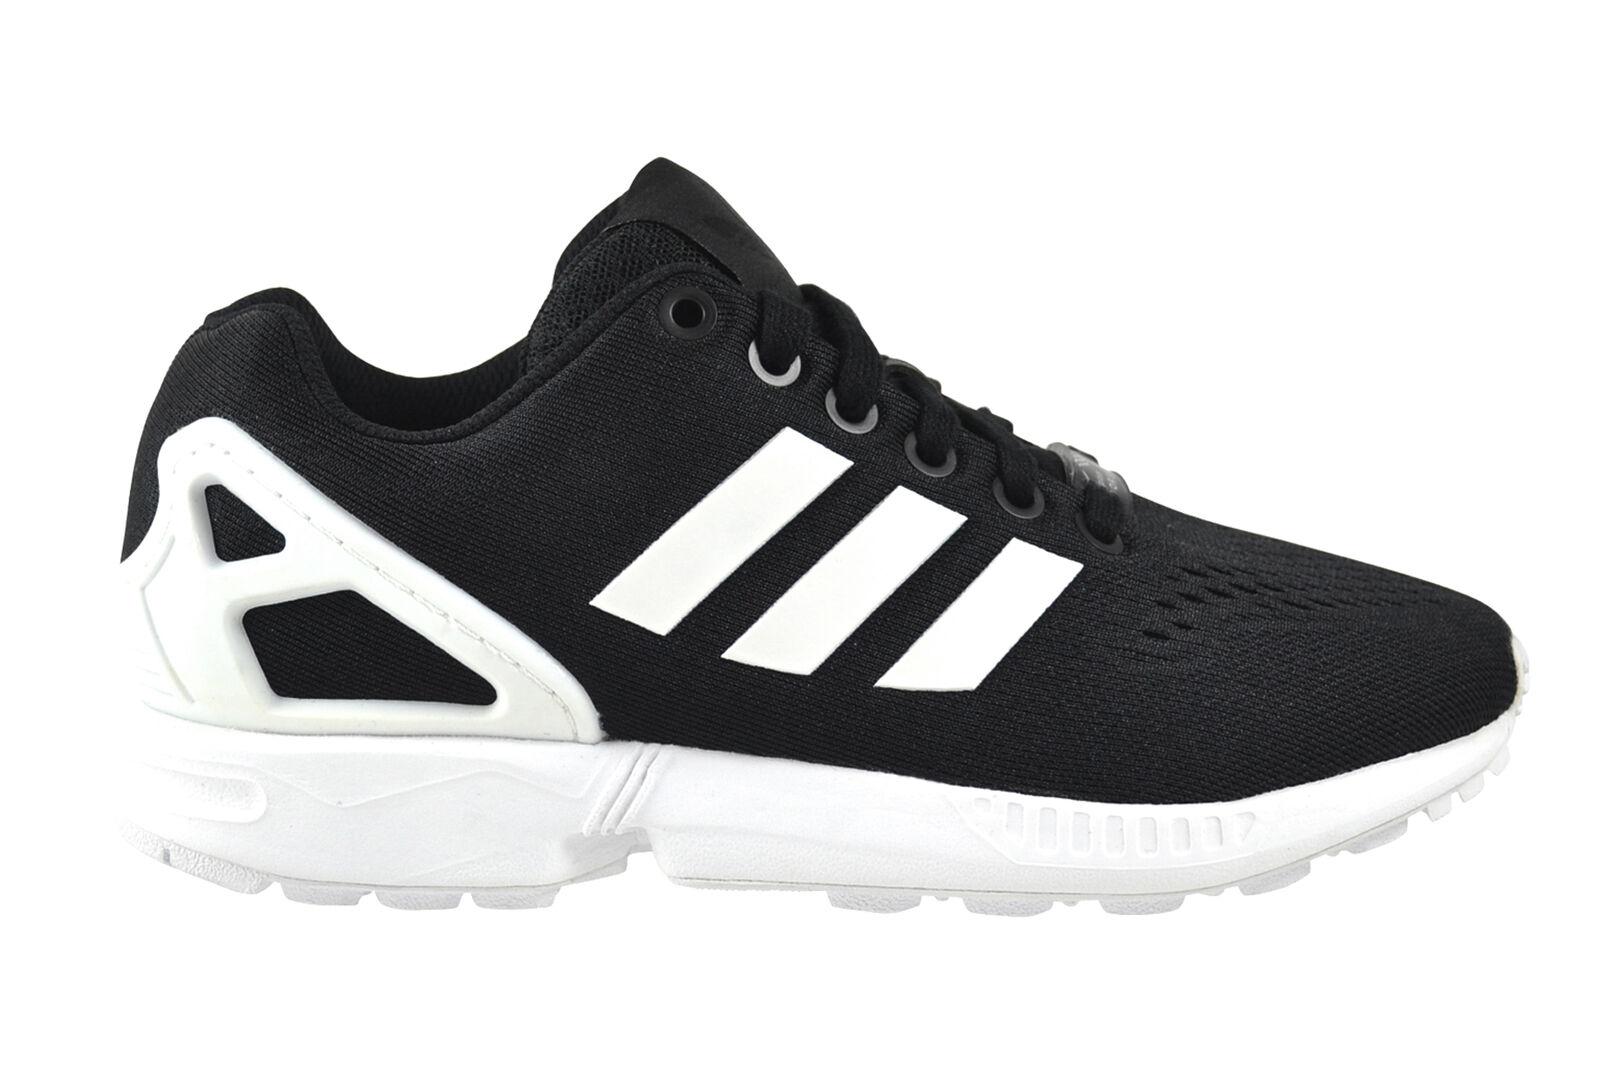 Adidas ZX Flux EM schwarz Weiß schwarz Sneaker Schuhe schwarz S76499